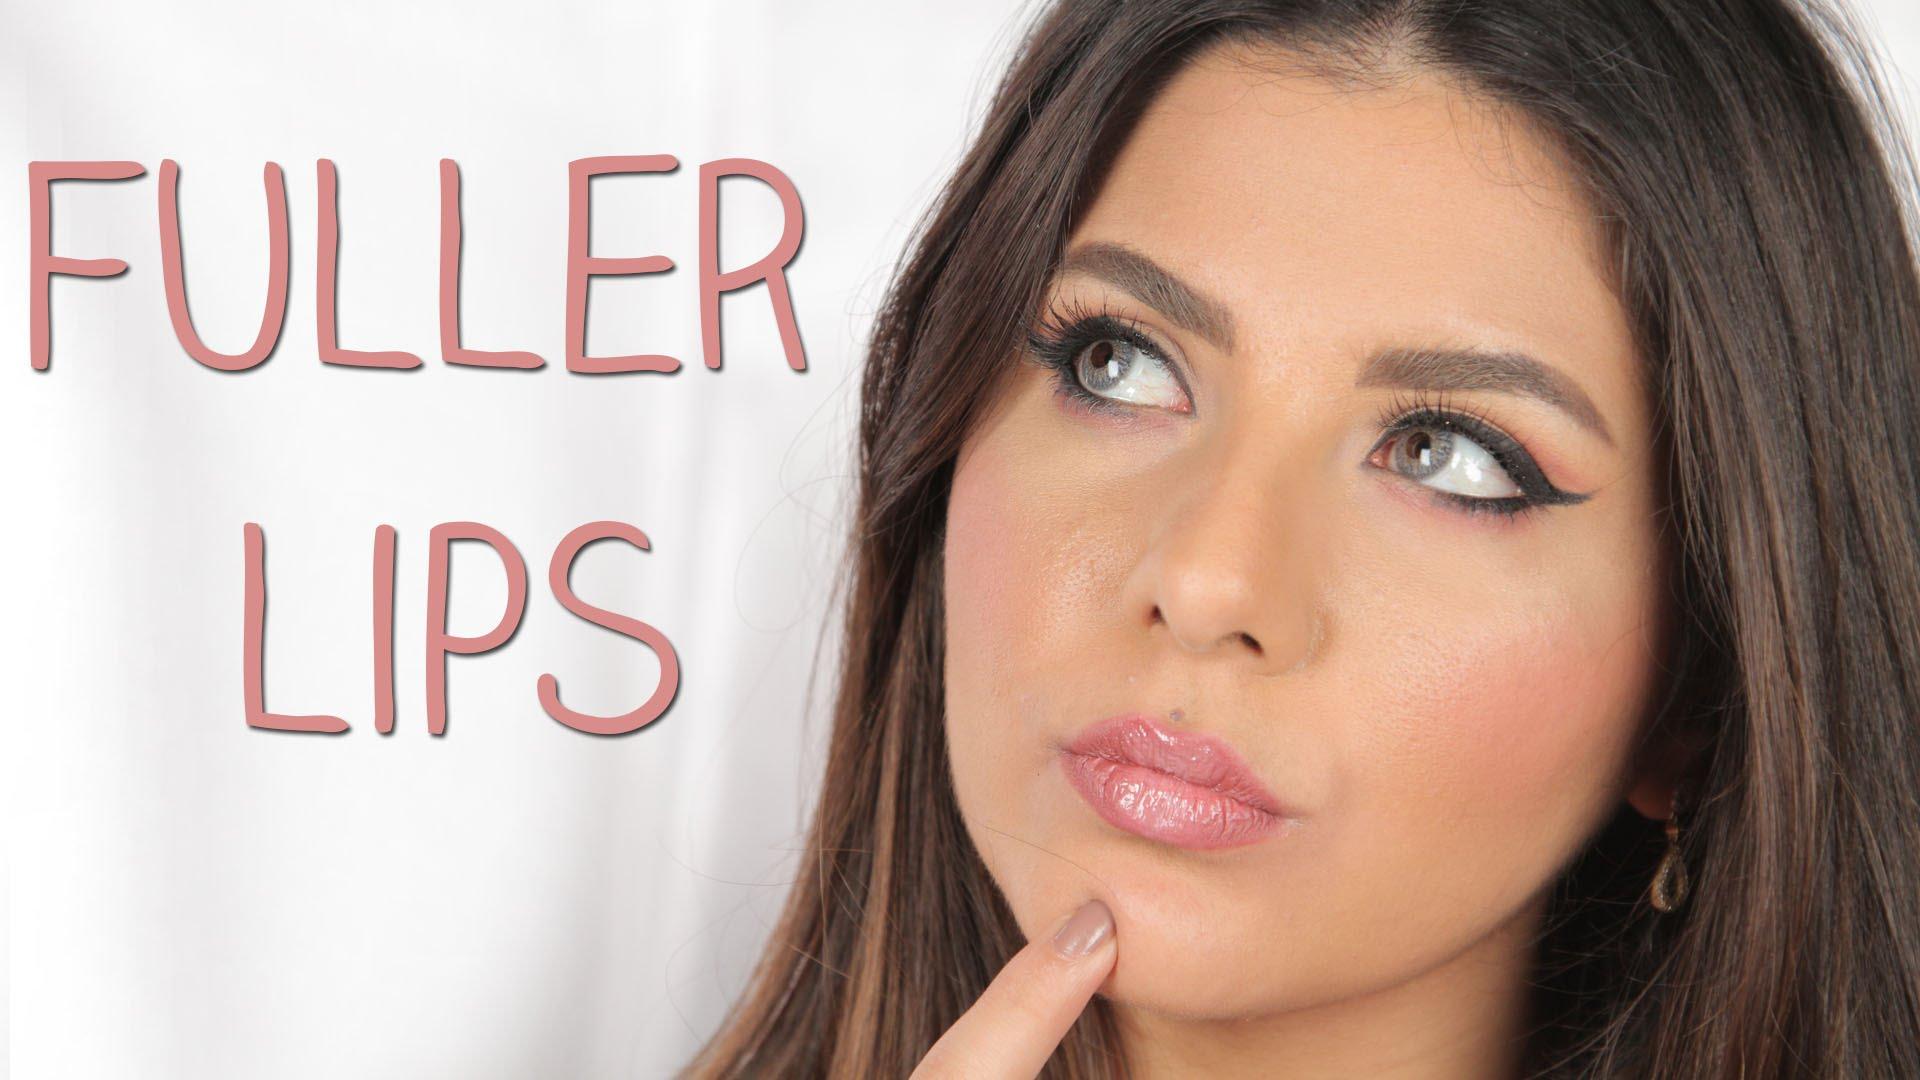 حيلة بسيطة لشفاه ممتلئة دون عمليات التجميل